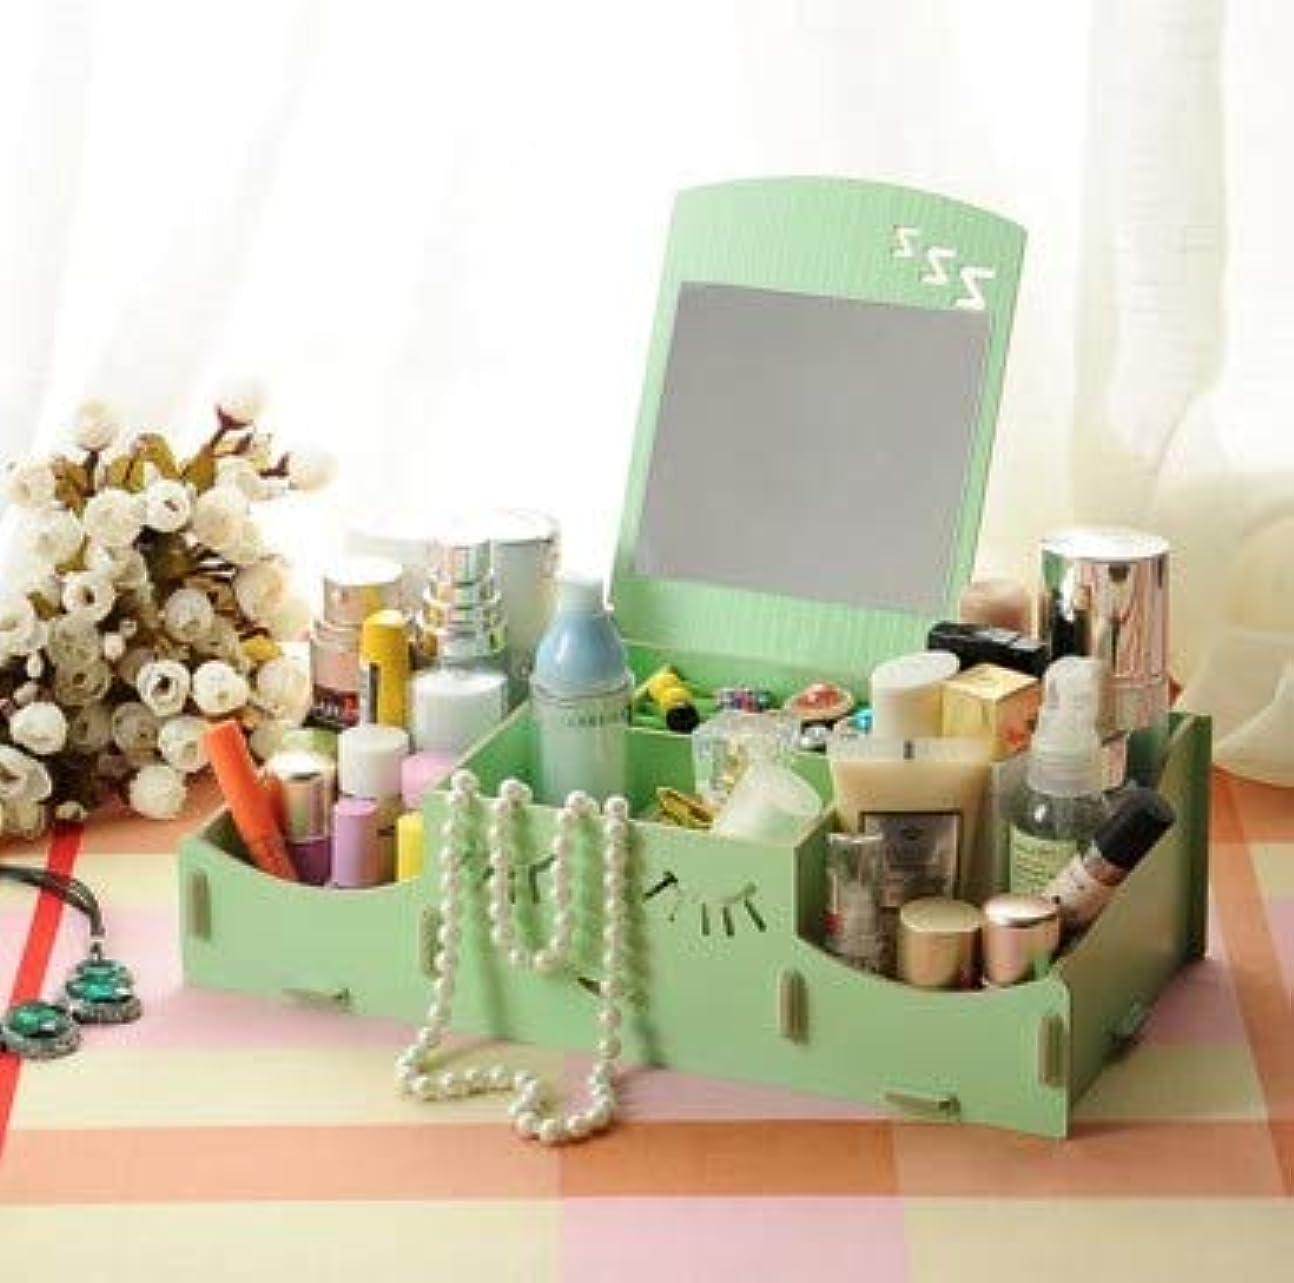 確立しますボスフルーティースマイリー木製クリエイティブ収納ボックス手作りデスクトップミラー化粧品収納ボックス化粧品収納ボックス (Color : グリンー)